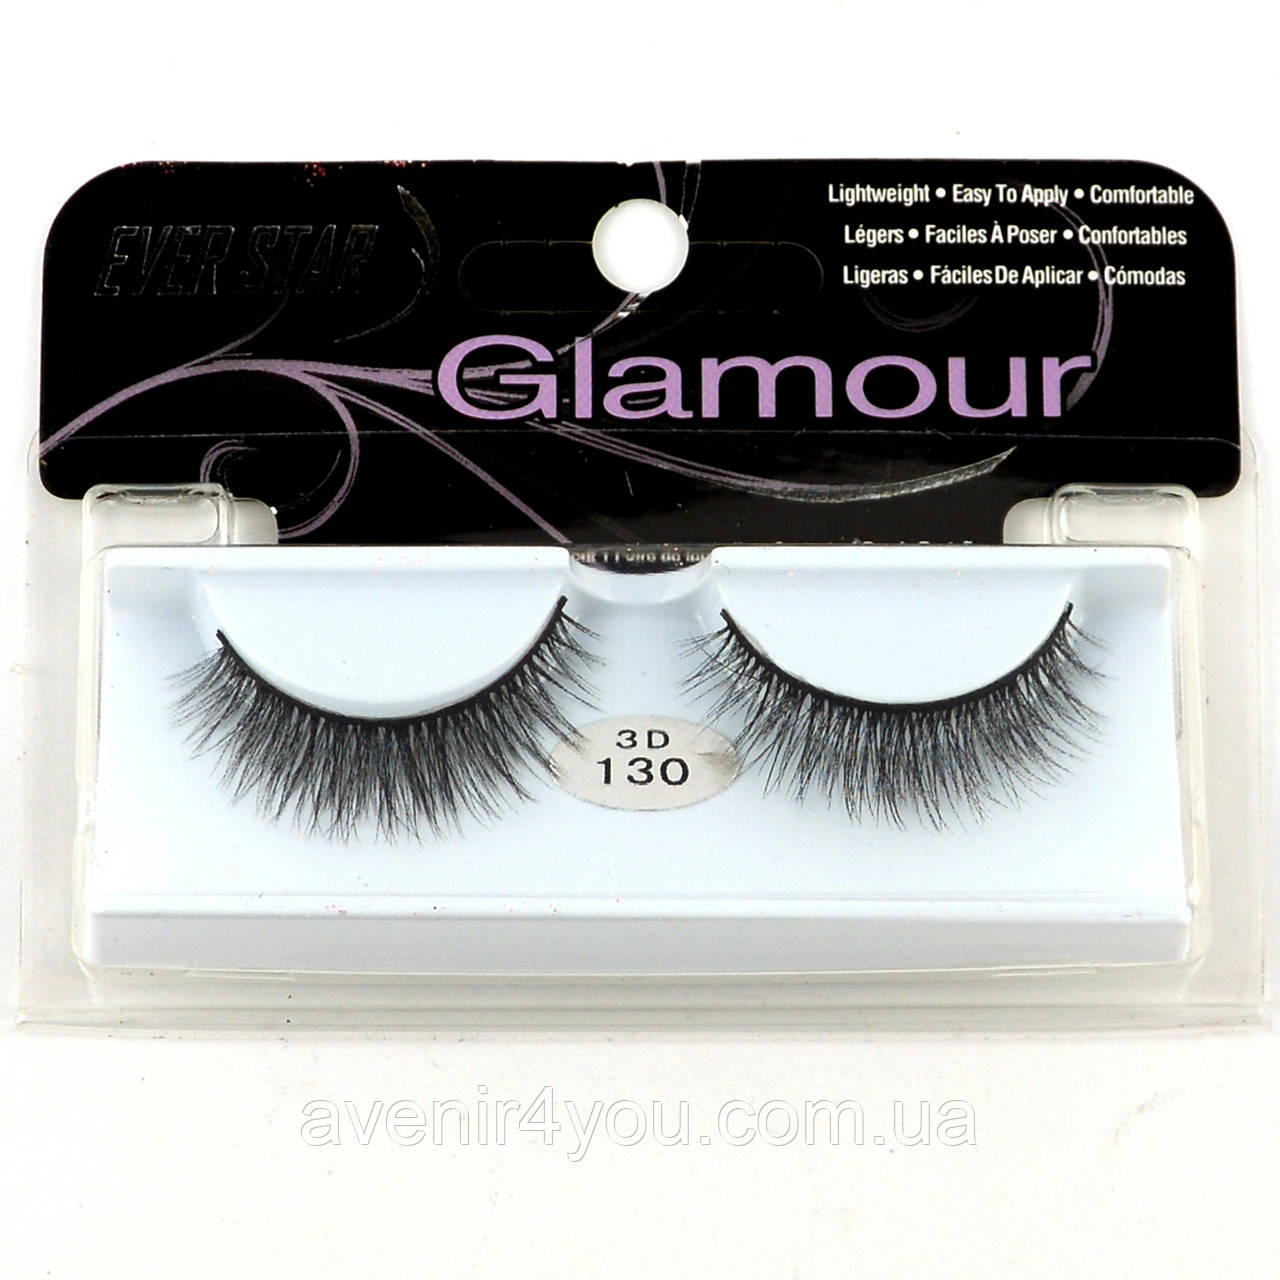 Накладні вії Glamour 130